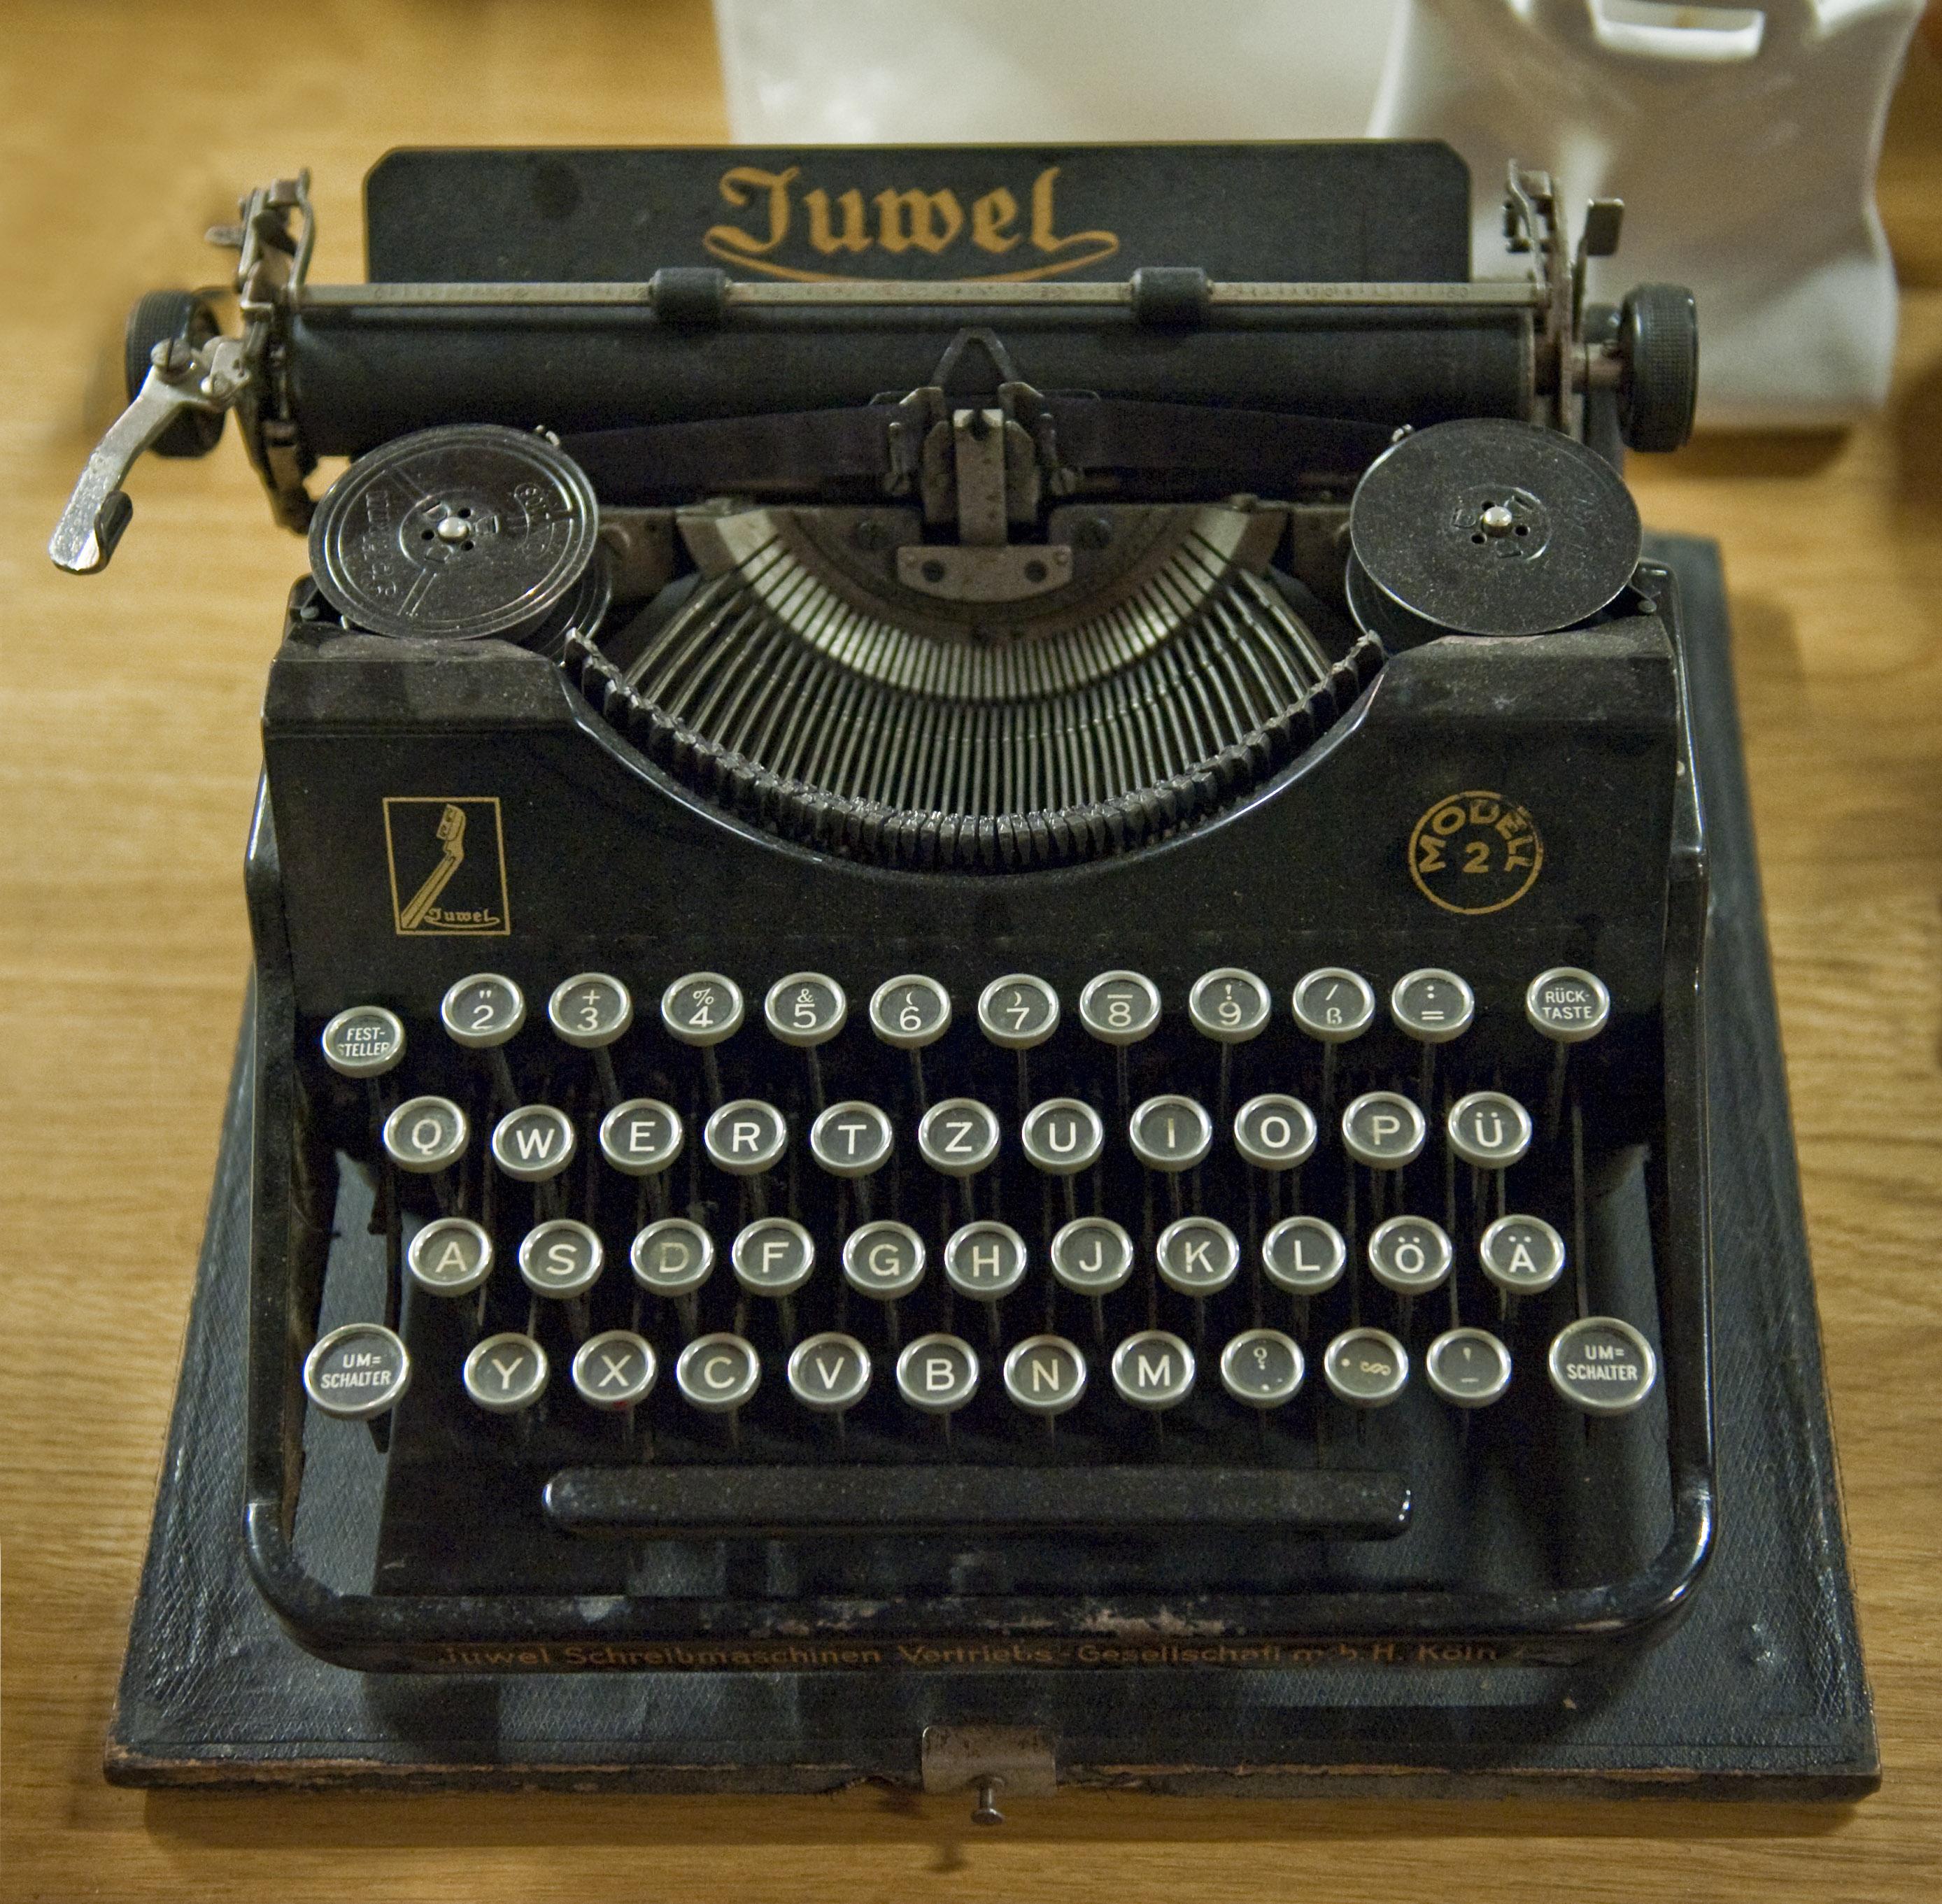 Juwel-typewriter_hg